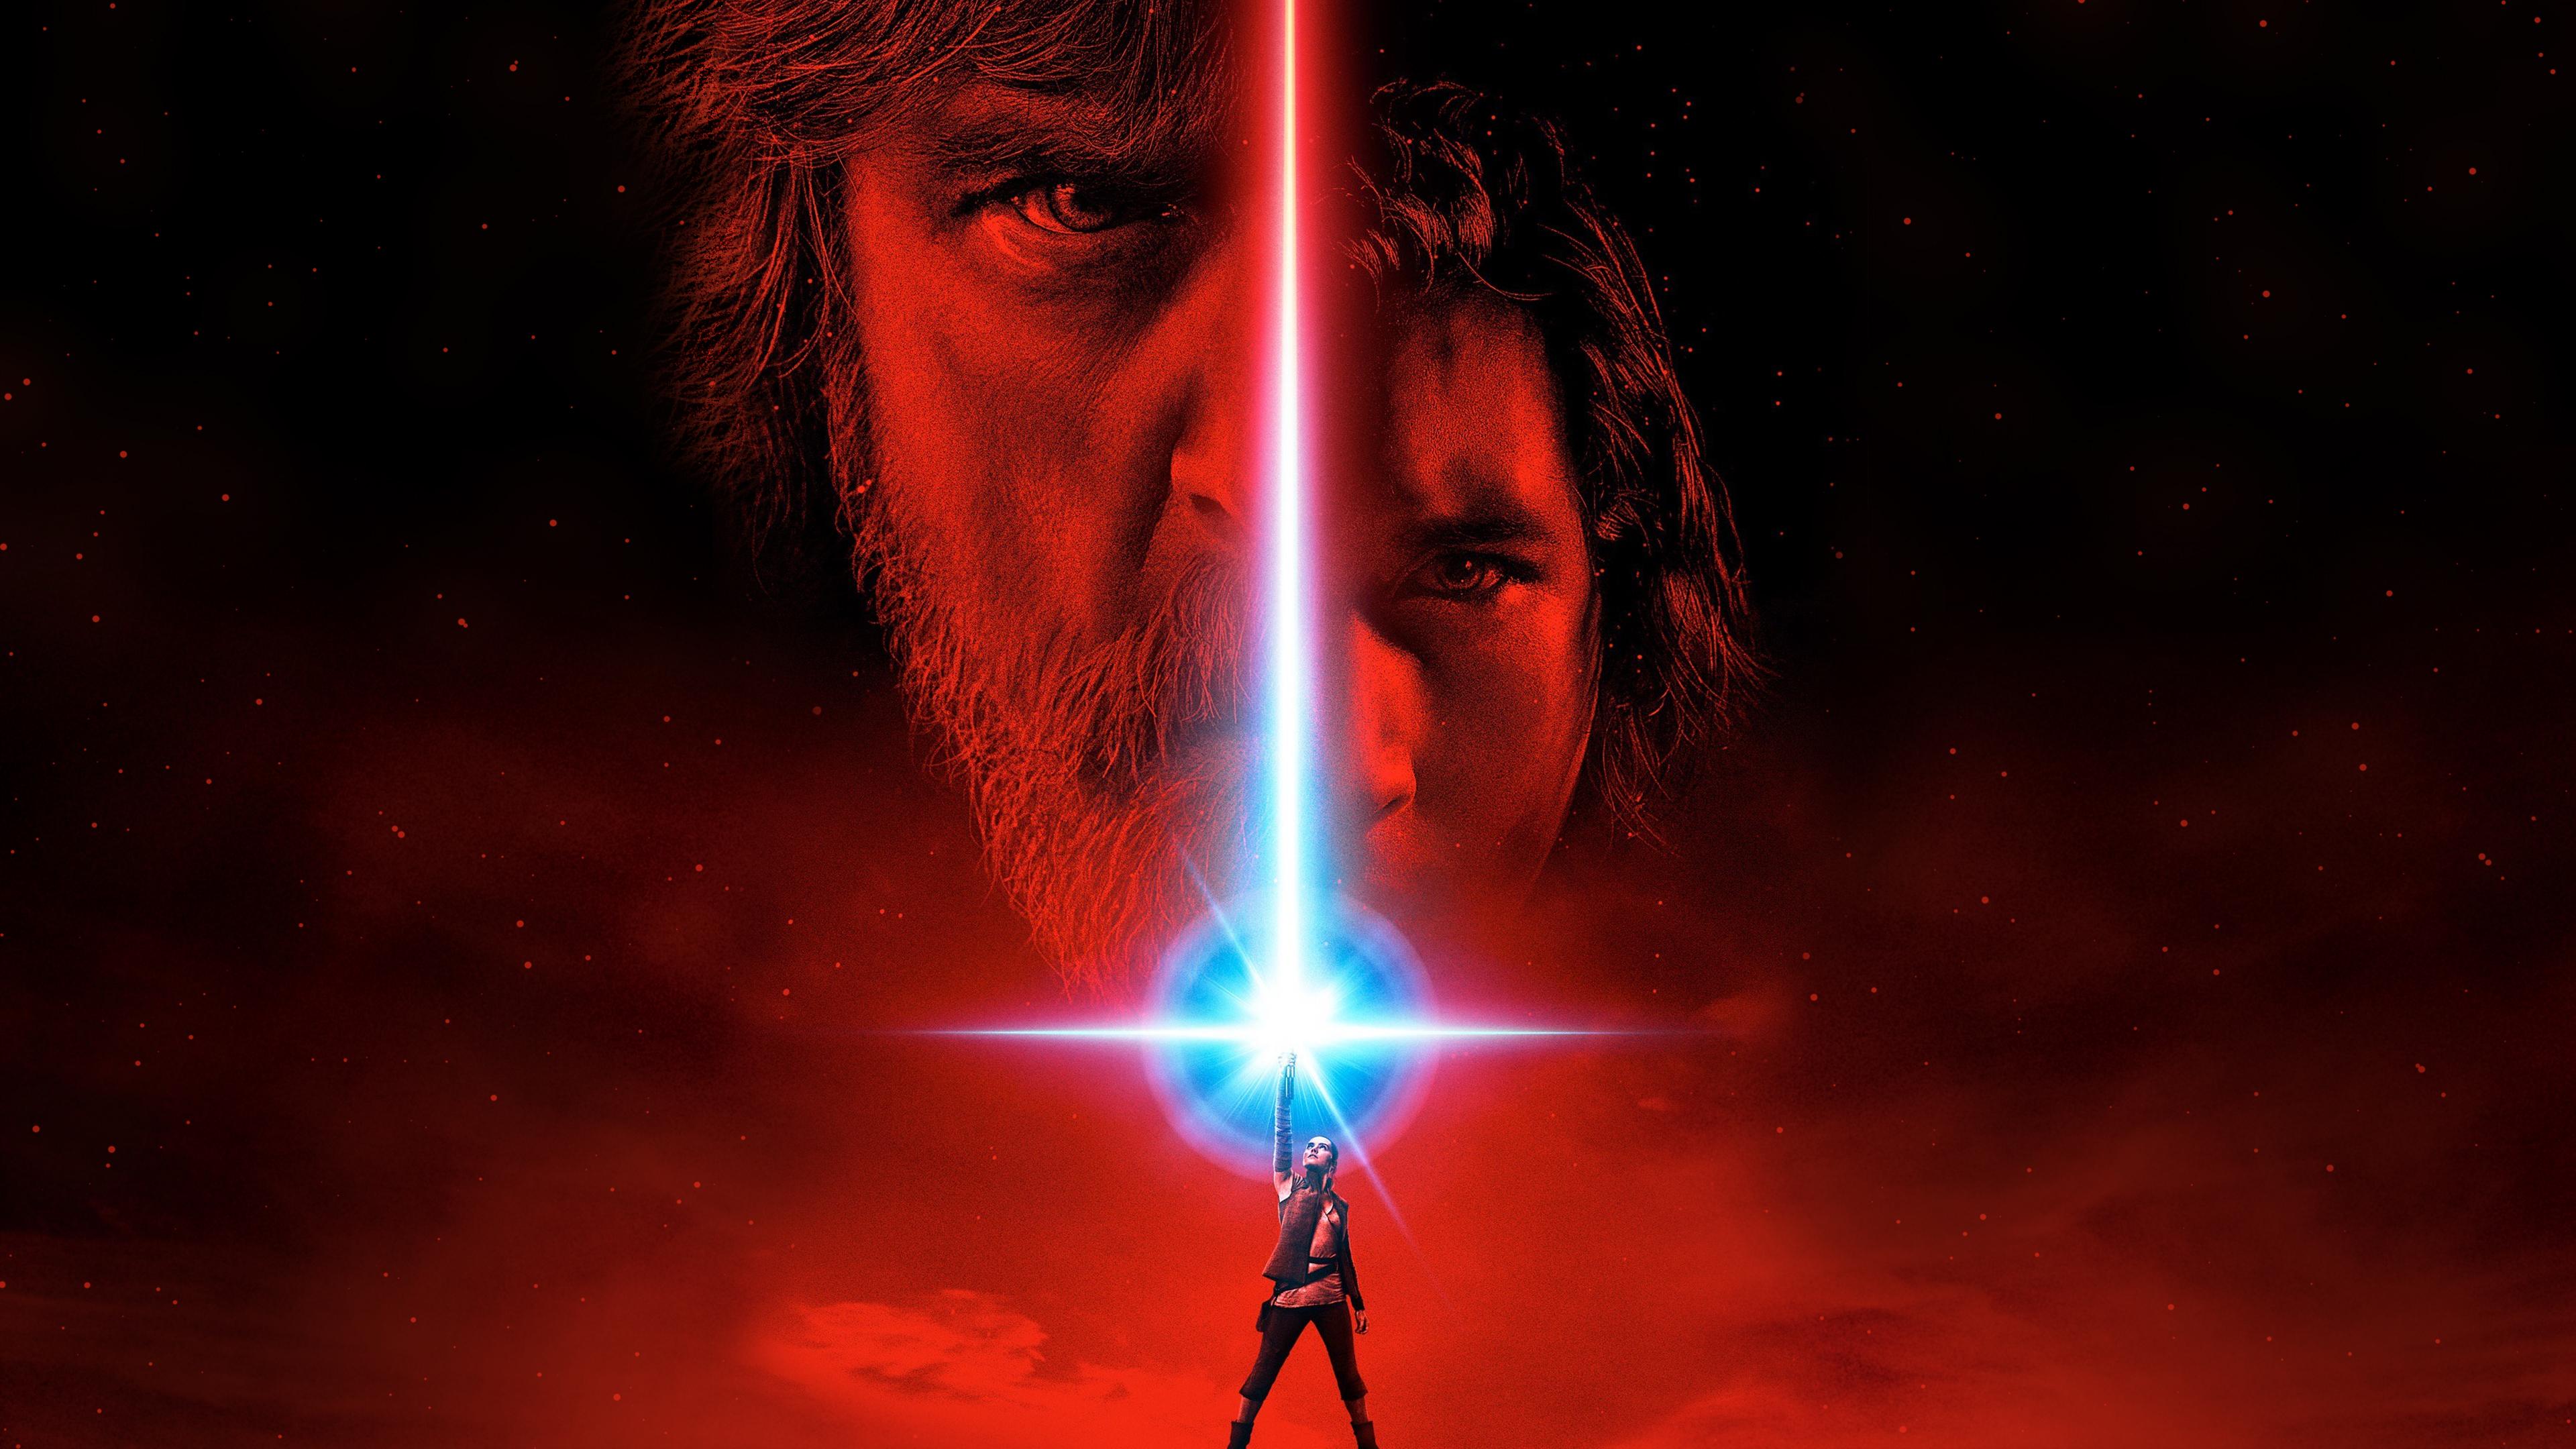 Star Wars The Last Jedi Movie Poster Wallpaper Hd Movies 4k